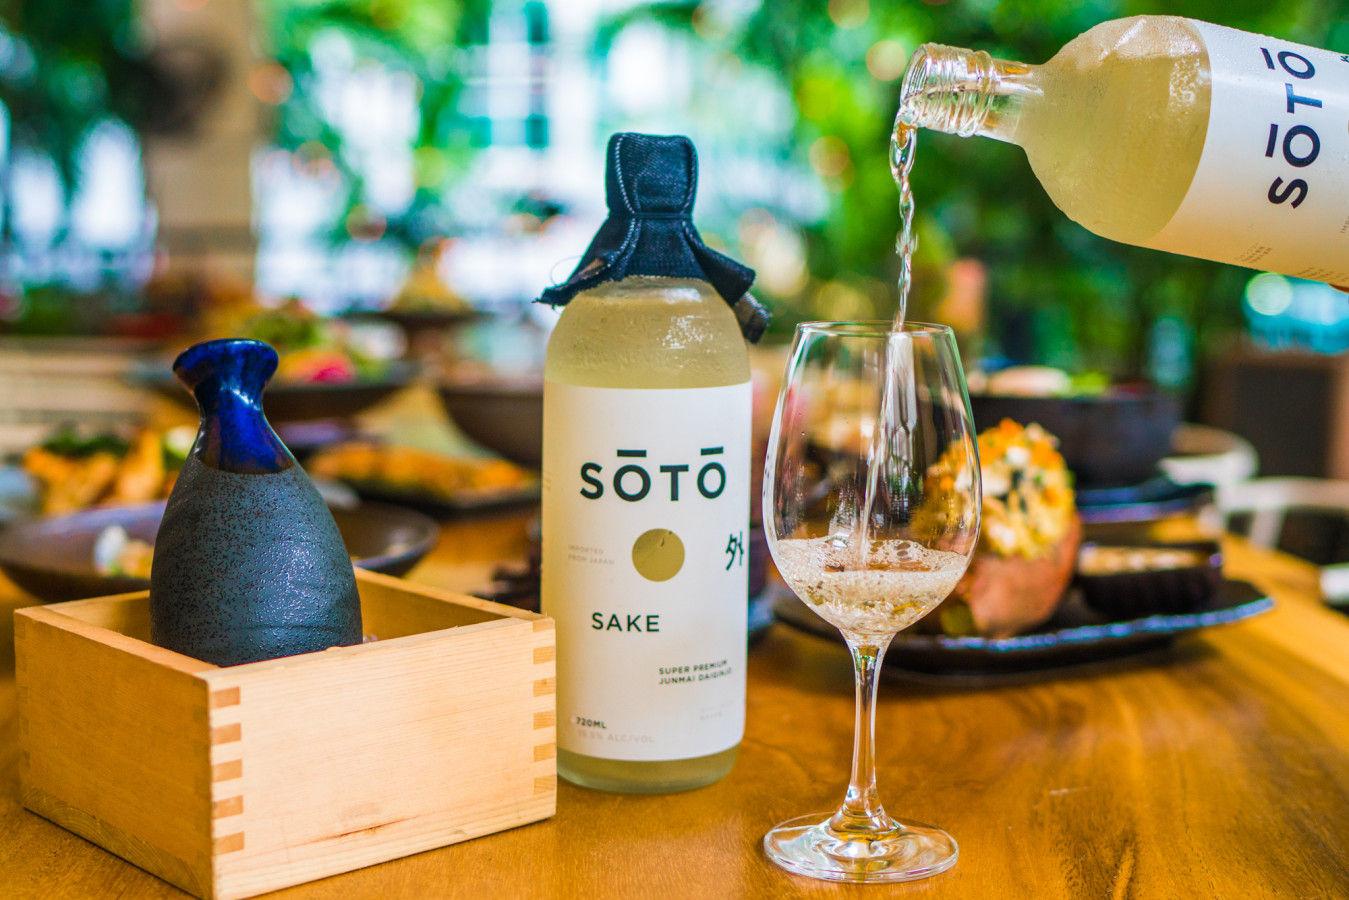 SOTO Sake